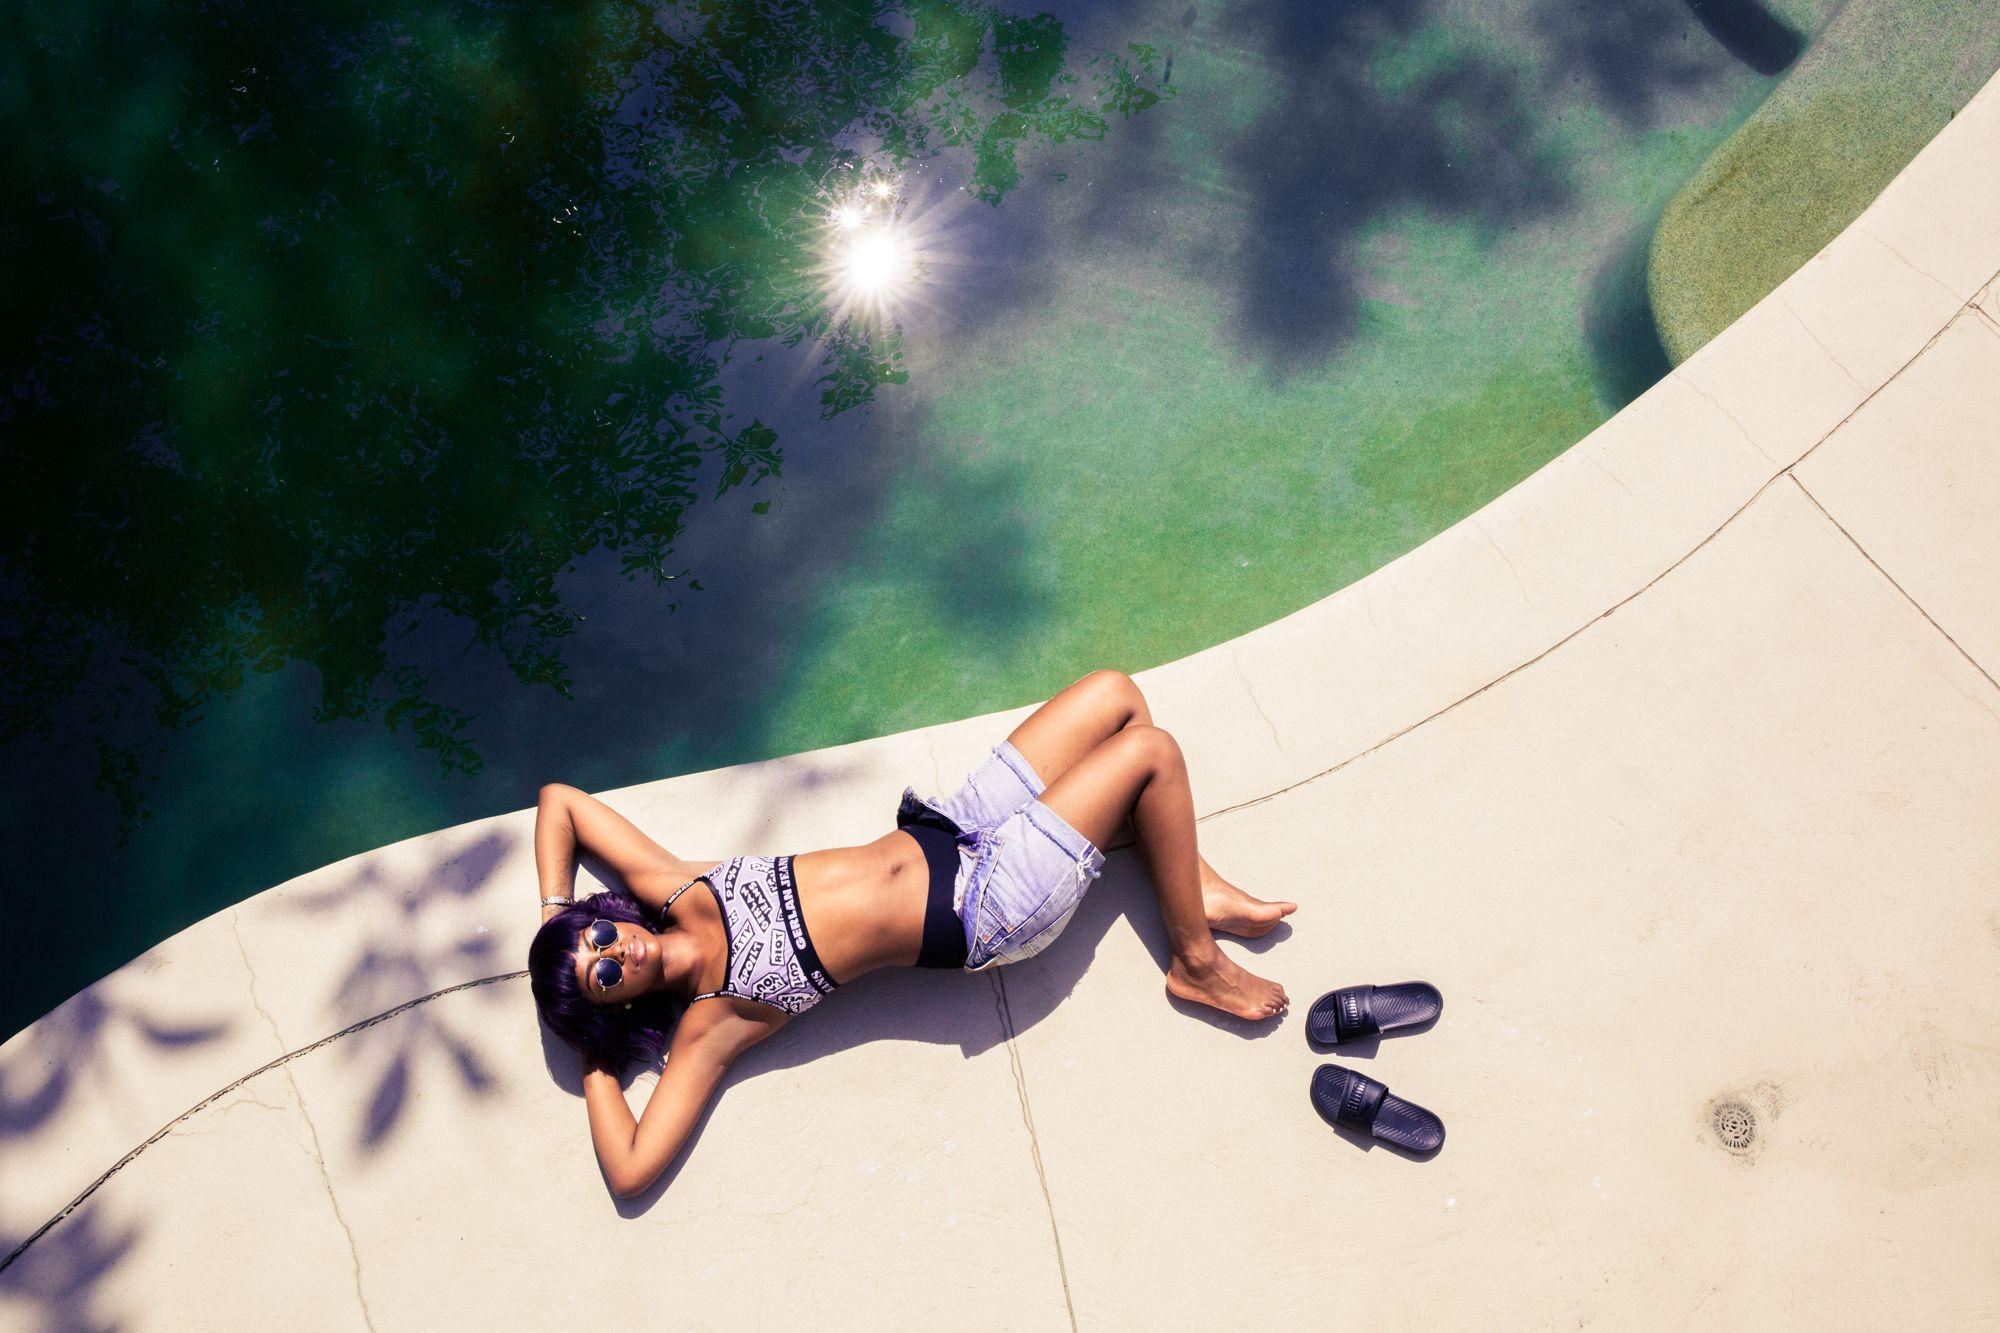 Poolside in LA.